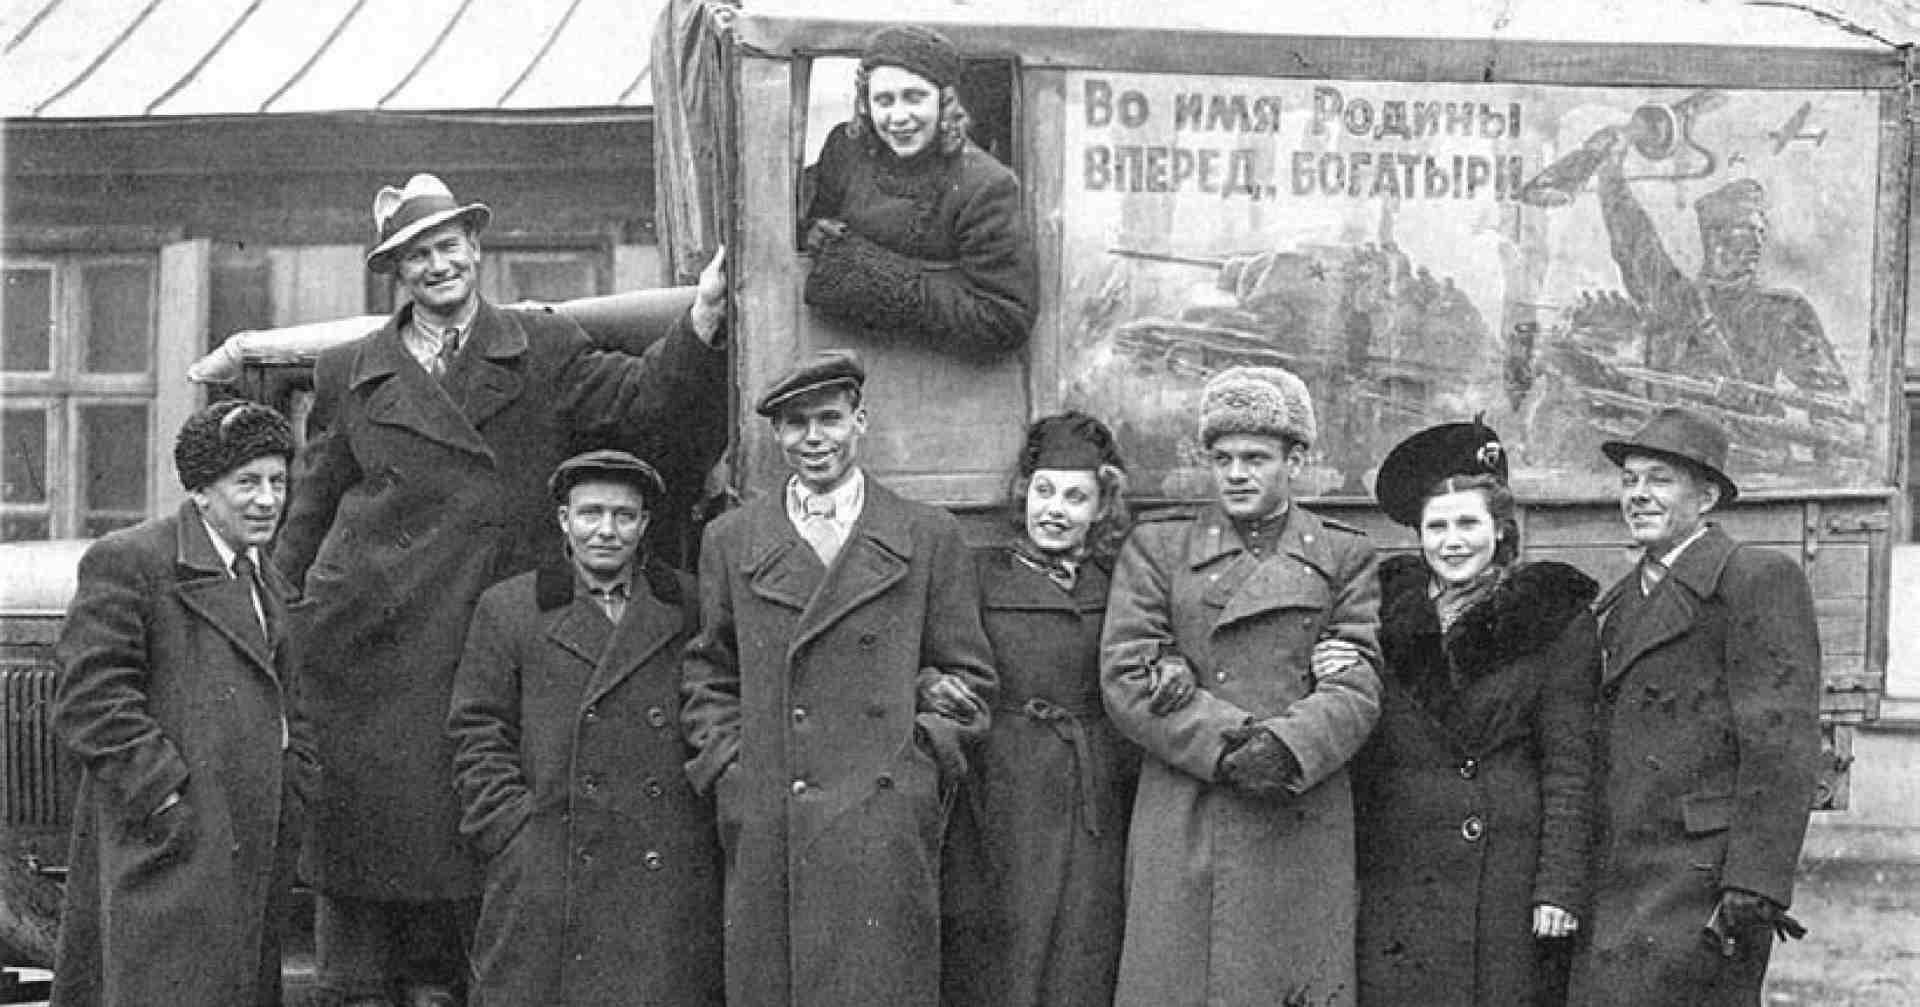 Новосибирские театры, возникшие до войны, расскажут о трагичной странице истории и рефлексии по ней